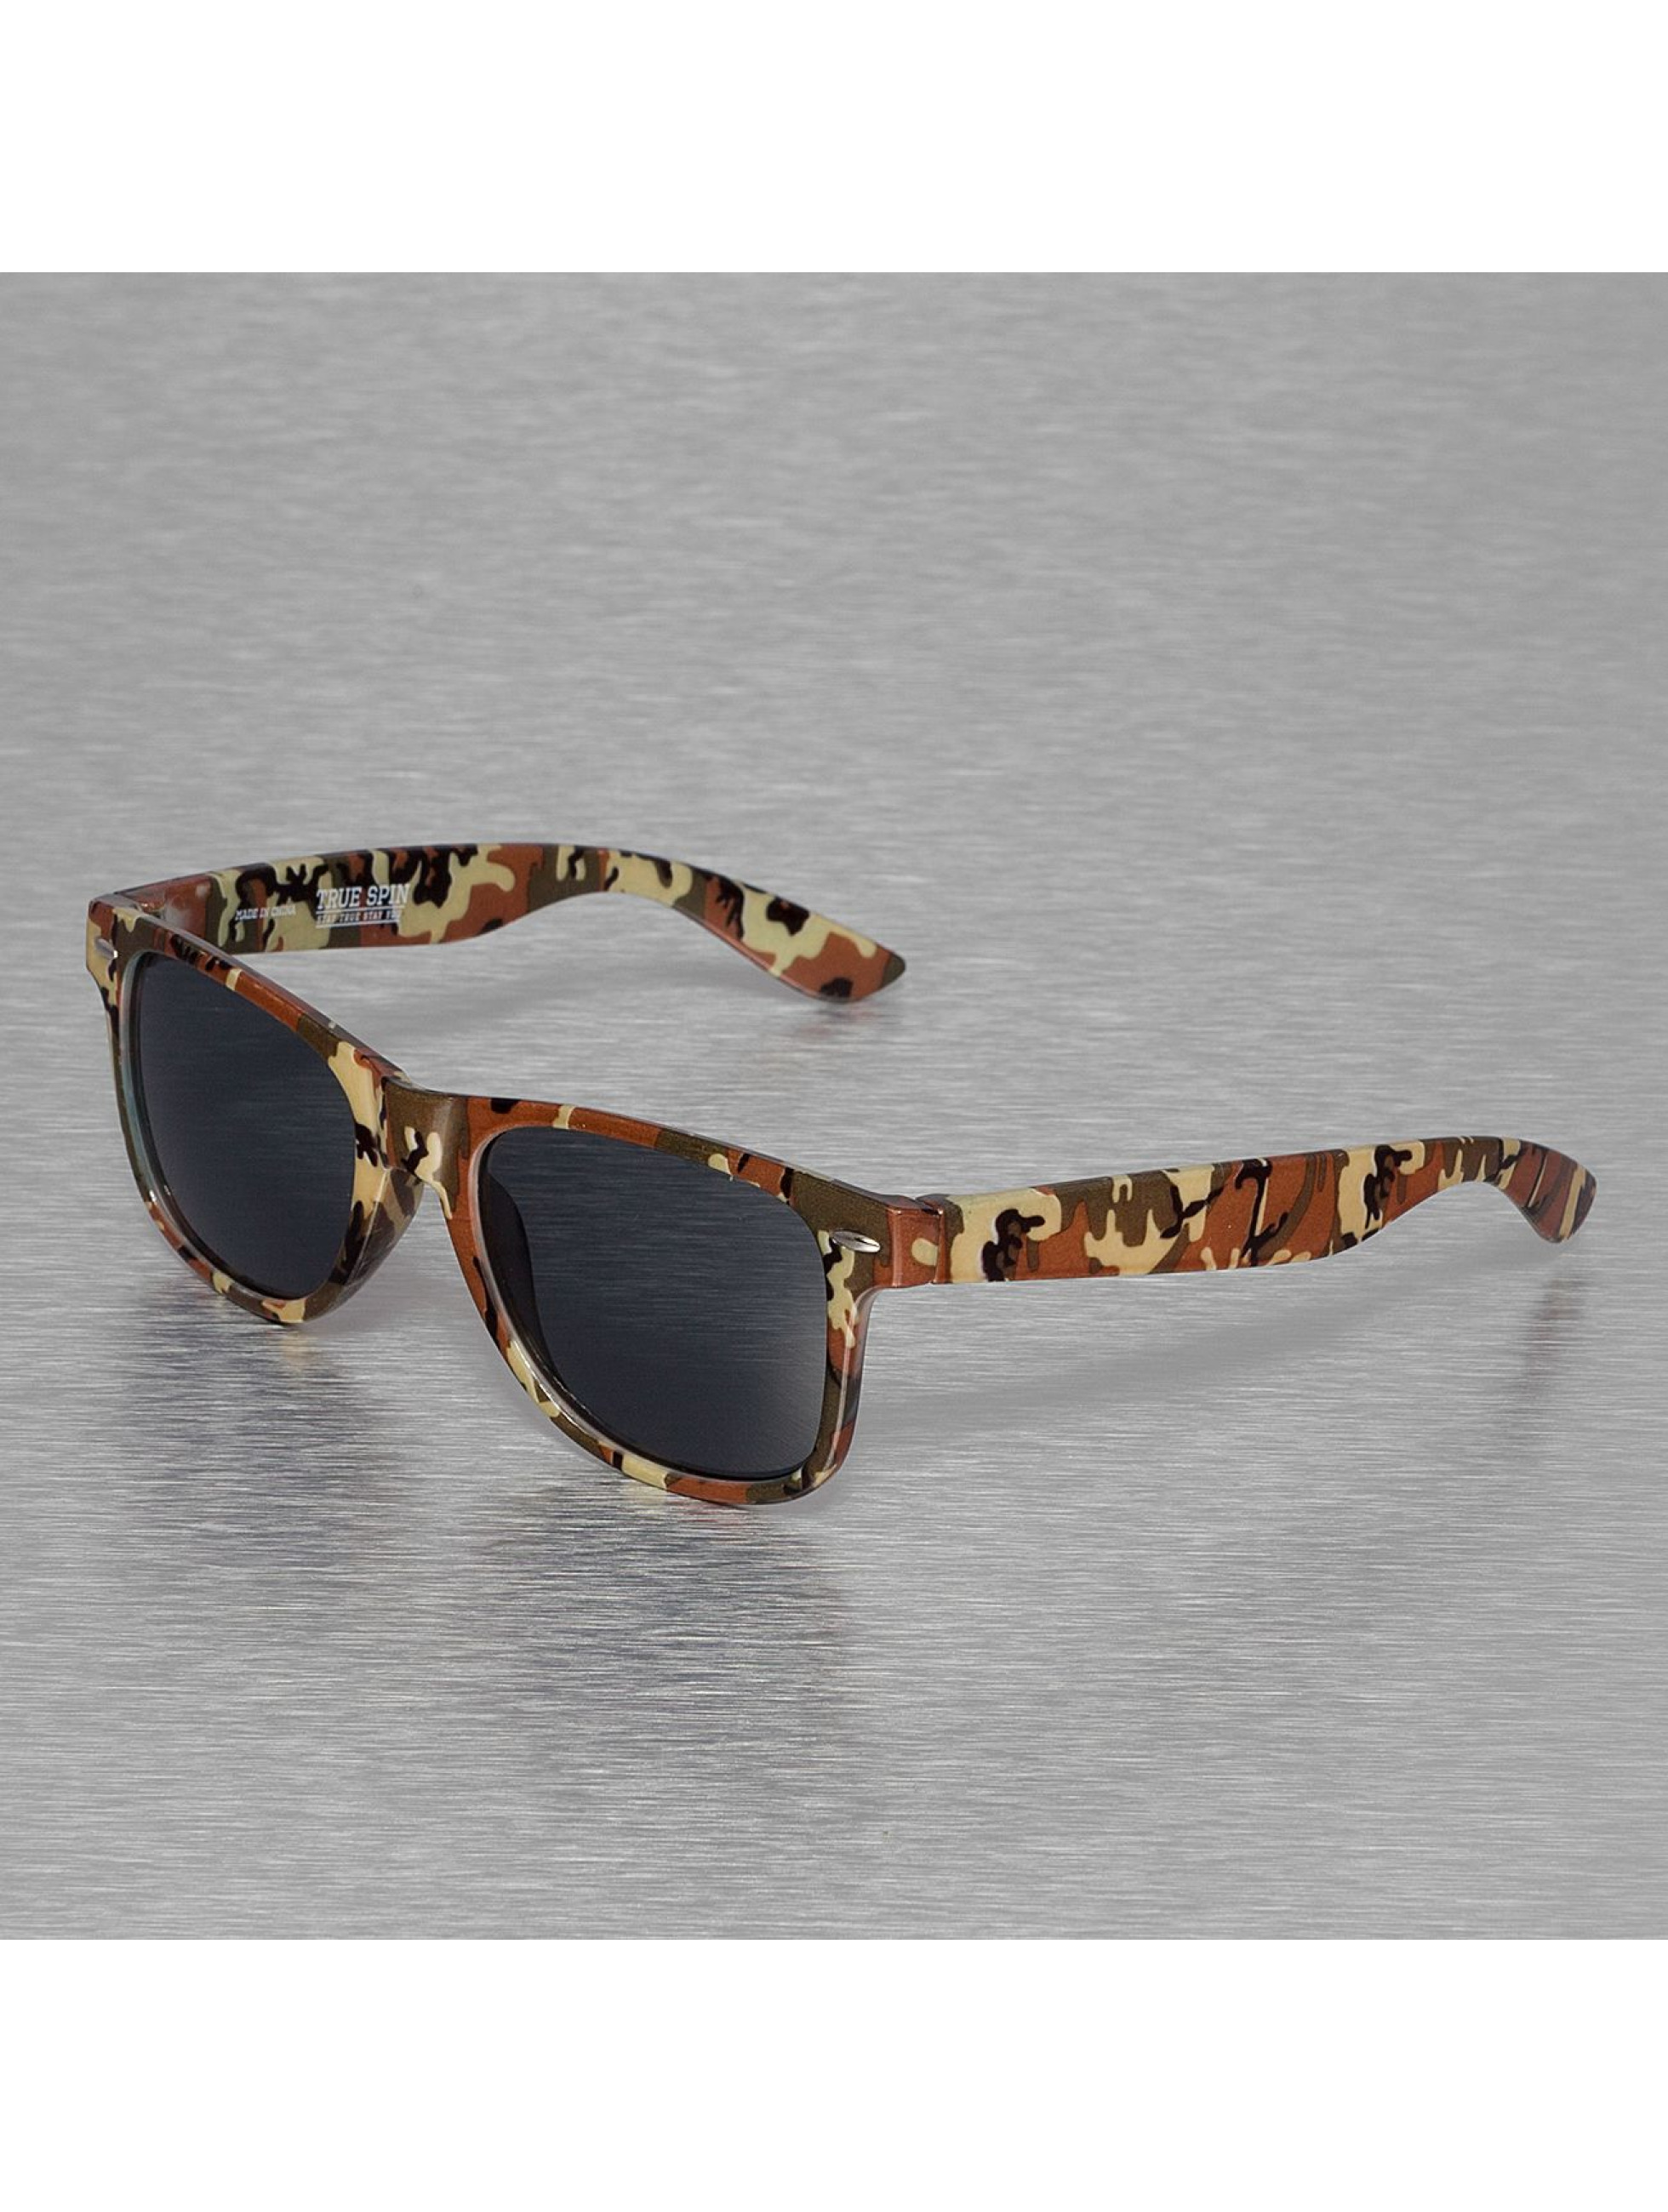 Schipkau Meuro Angebote TrueSpin Männer,Frauen Sonnenbrille Camo 1 in braun